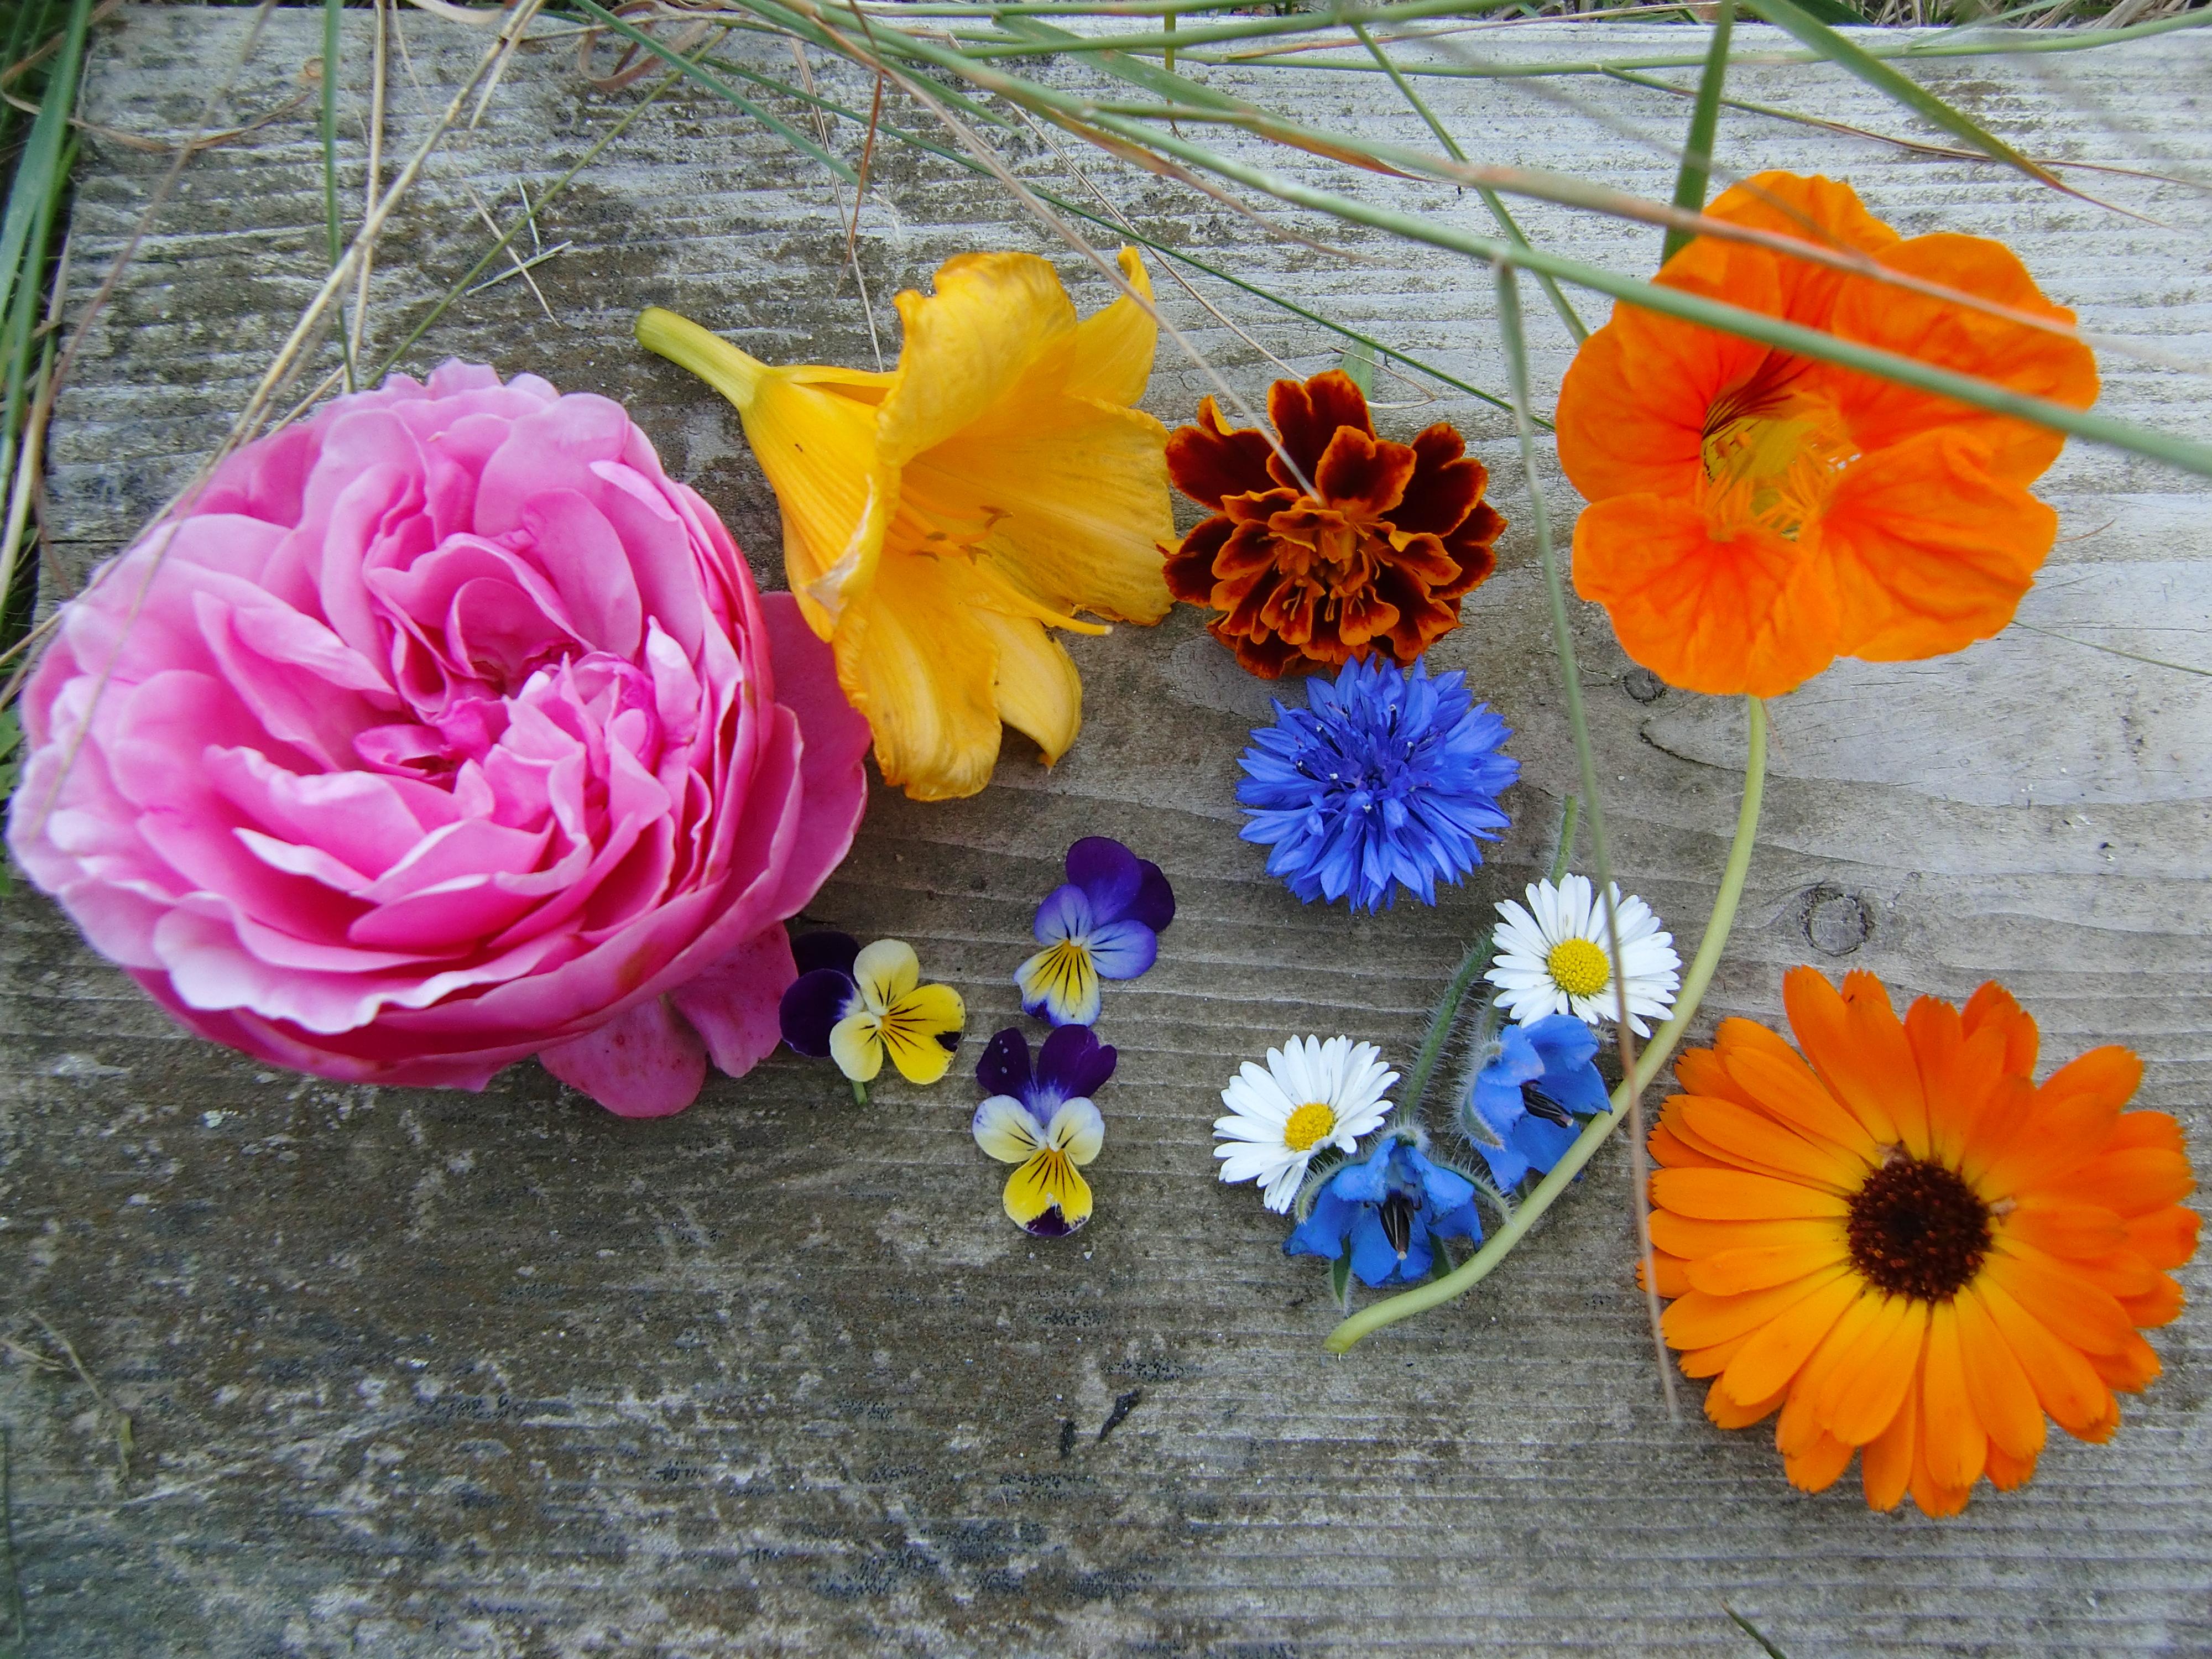 Rose, Taglilie, Hemerocallis, Studentenblume, Tagetes, Kapuzinerkresse, Ringelblume, Borretsch, Gänseblümchen, Hornveilchen, Kornblume